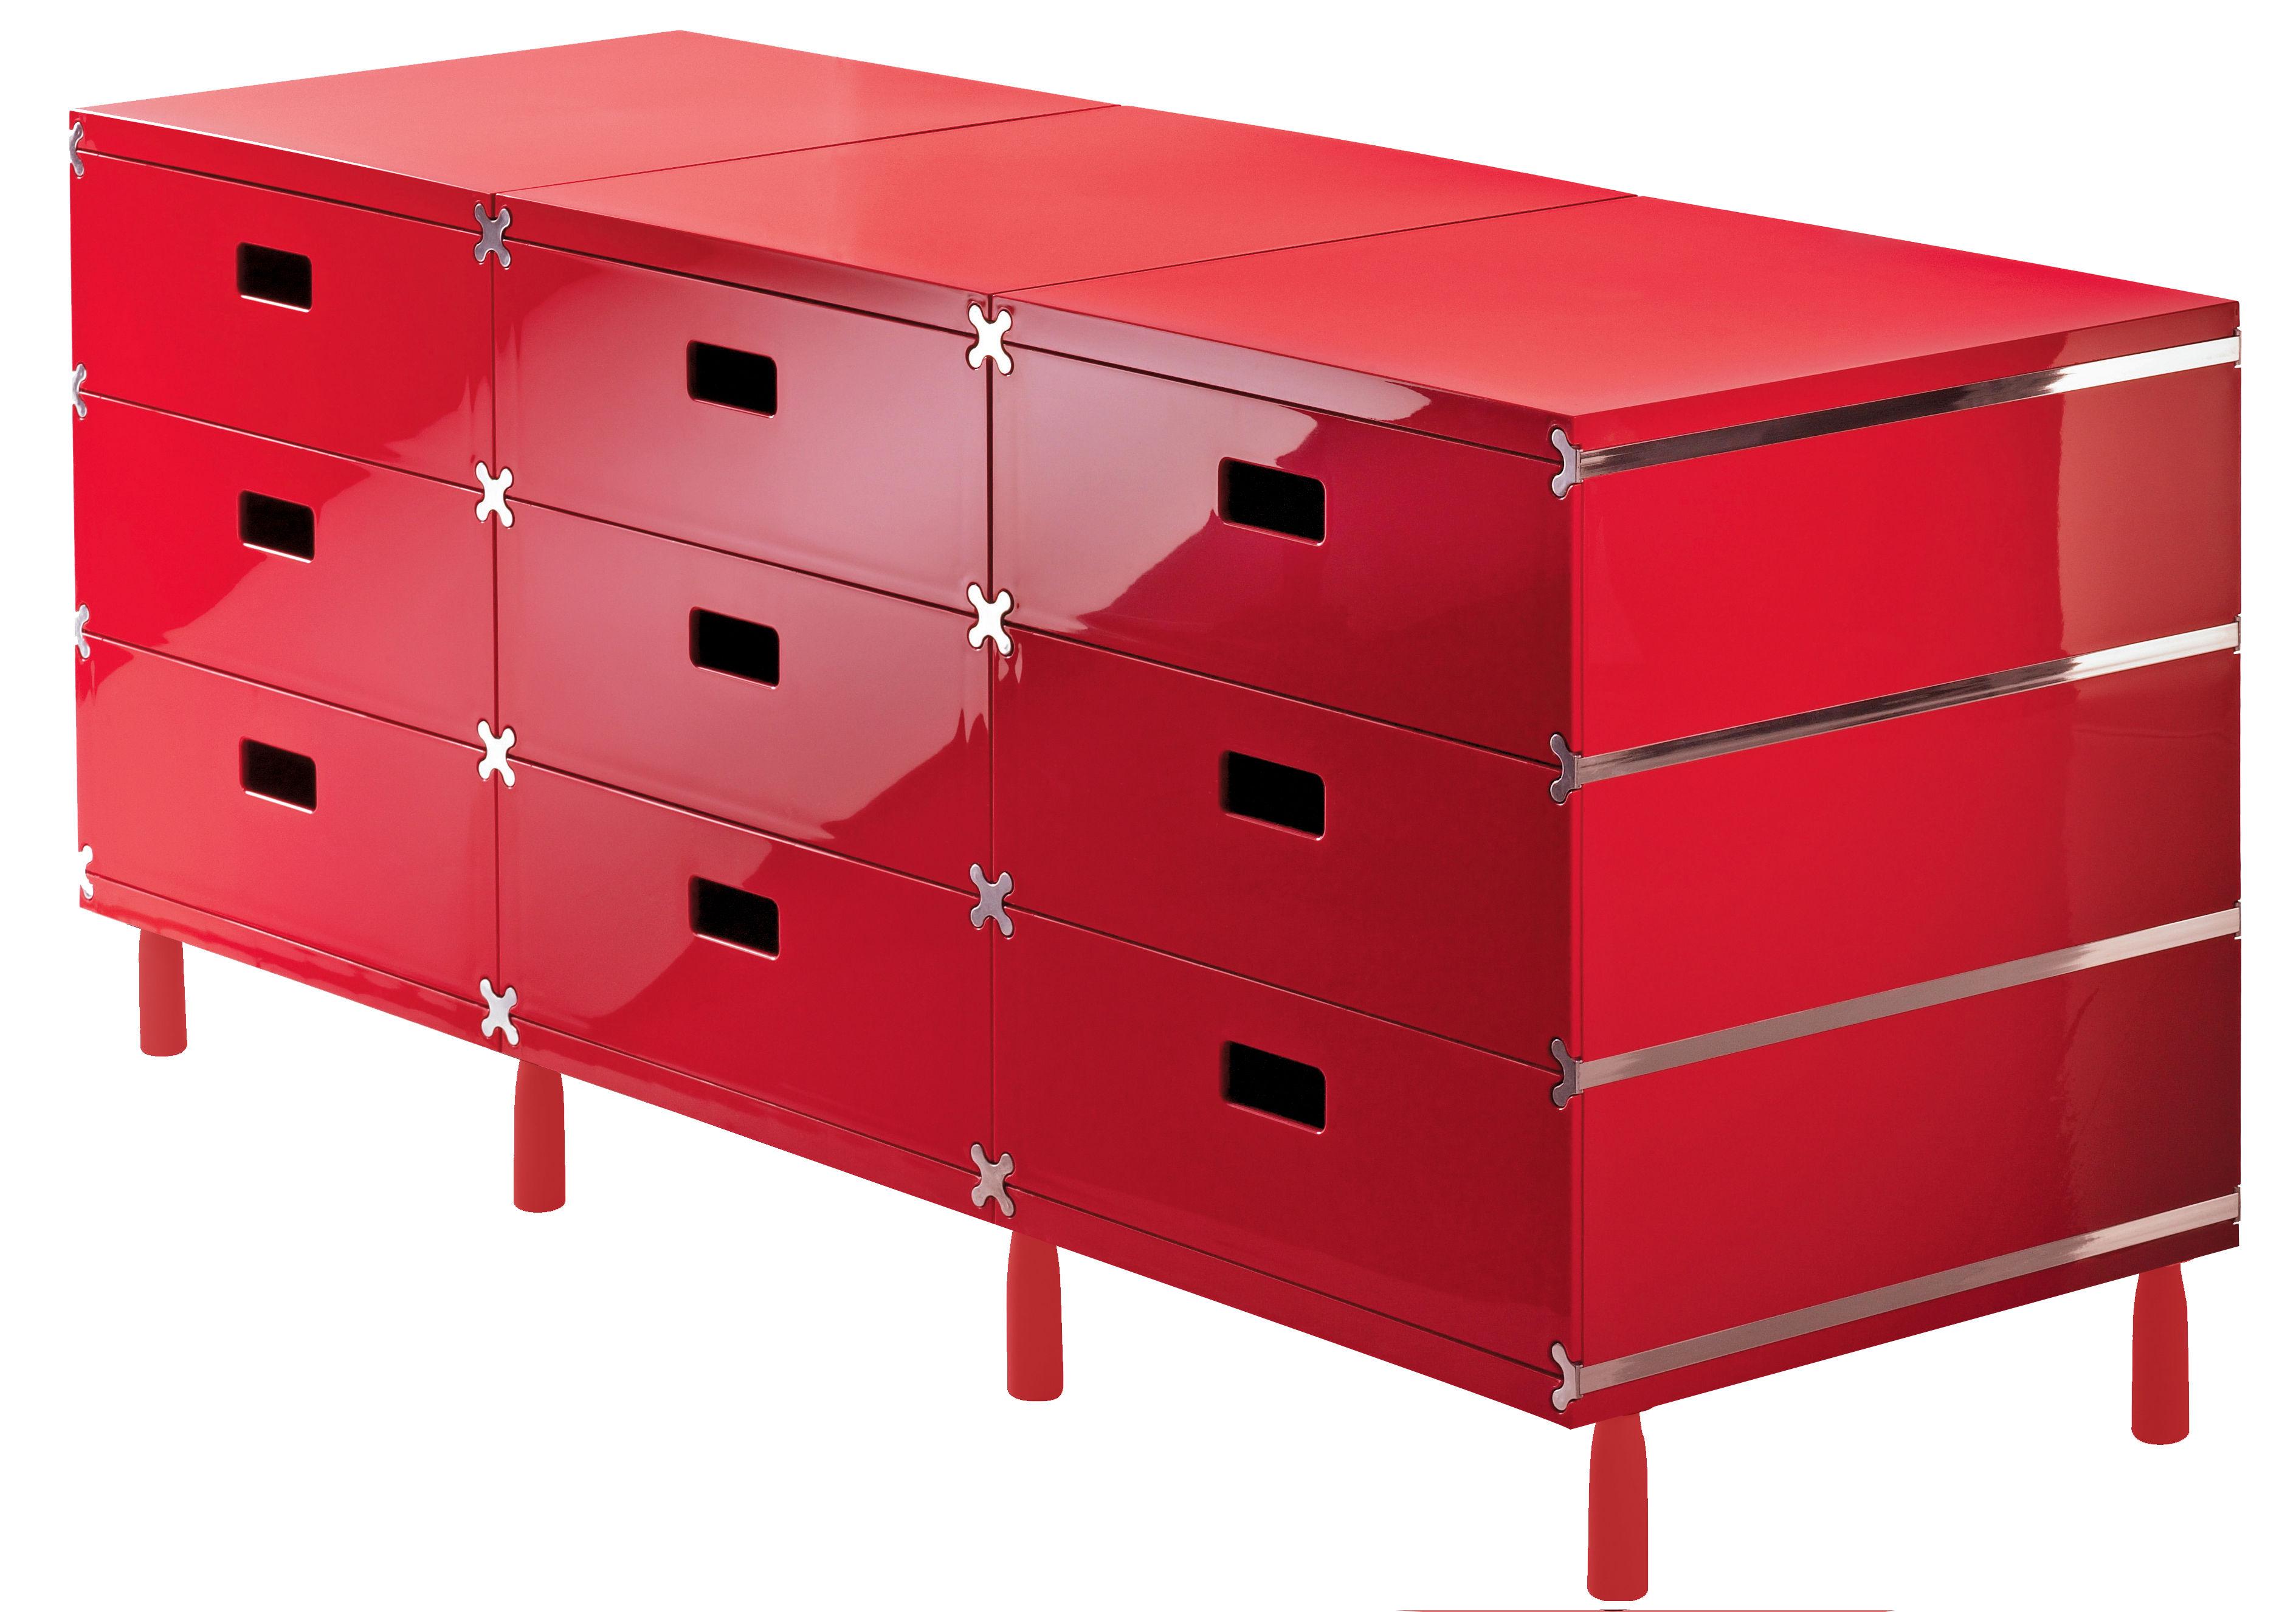 Mobilier - Mobilier Ados - Rangement Plus Unit / 9 tiroirs sur patins - Magis - Rouge - ABS